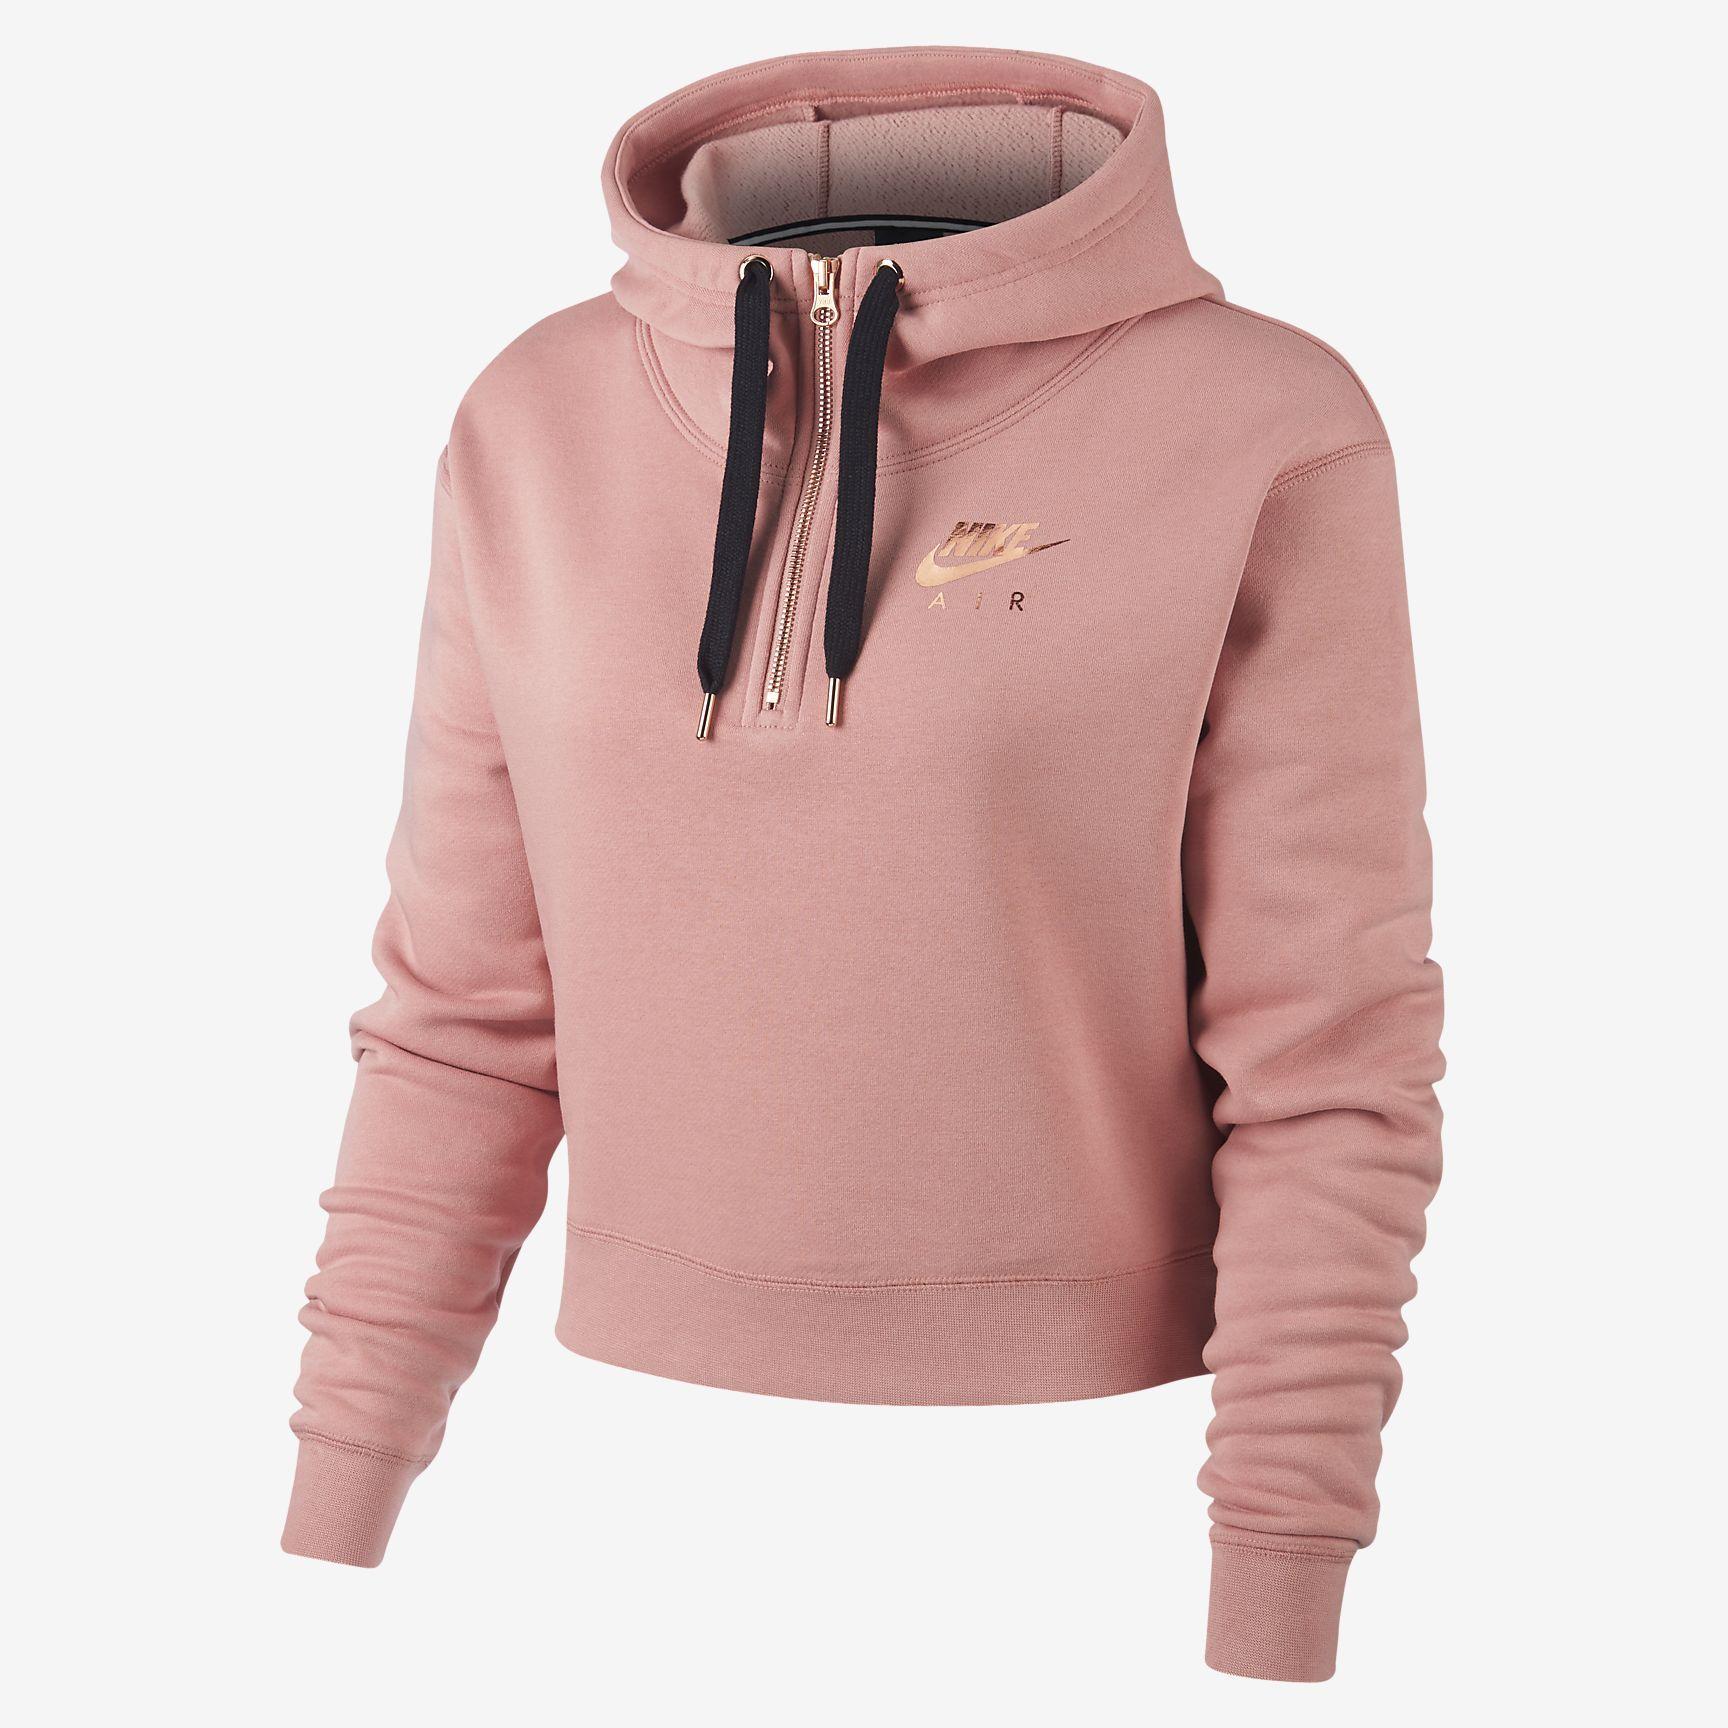 huge sale sale wholesale Nike Air Women's Half-Zip Hoodie in 2019 | Nike hoodies for ...